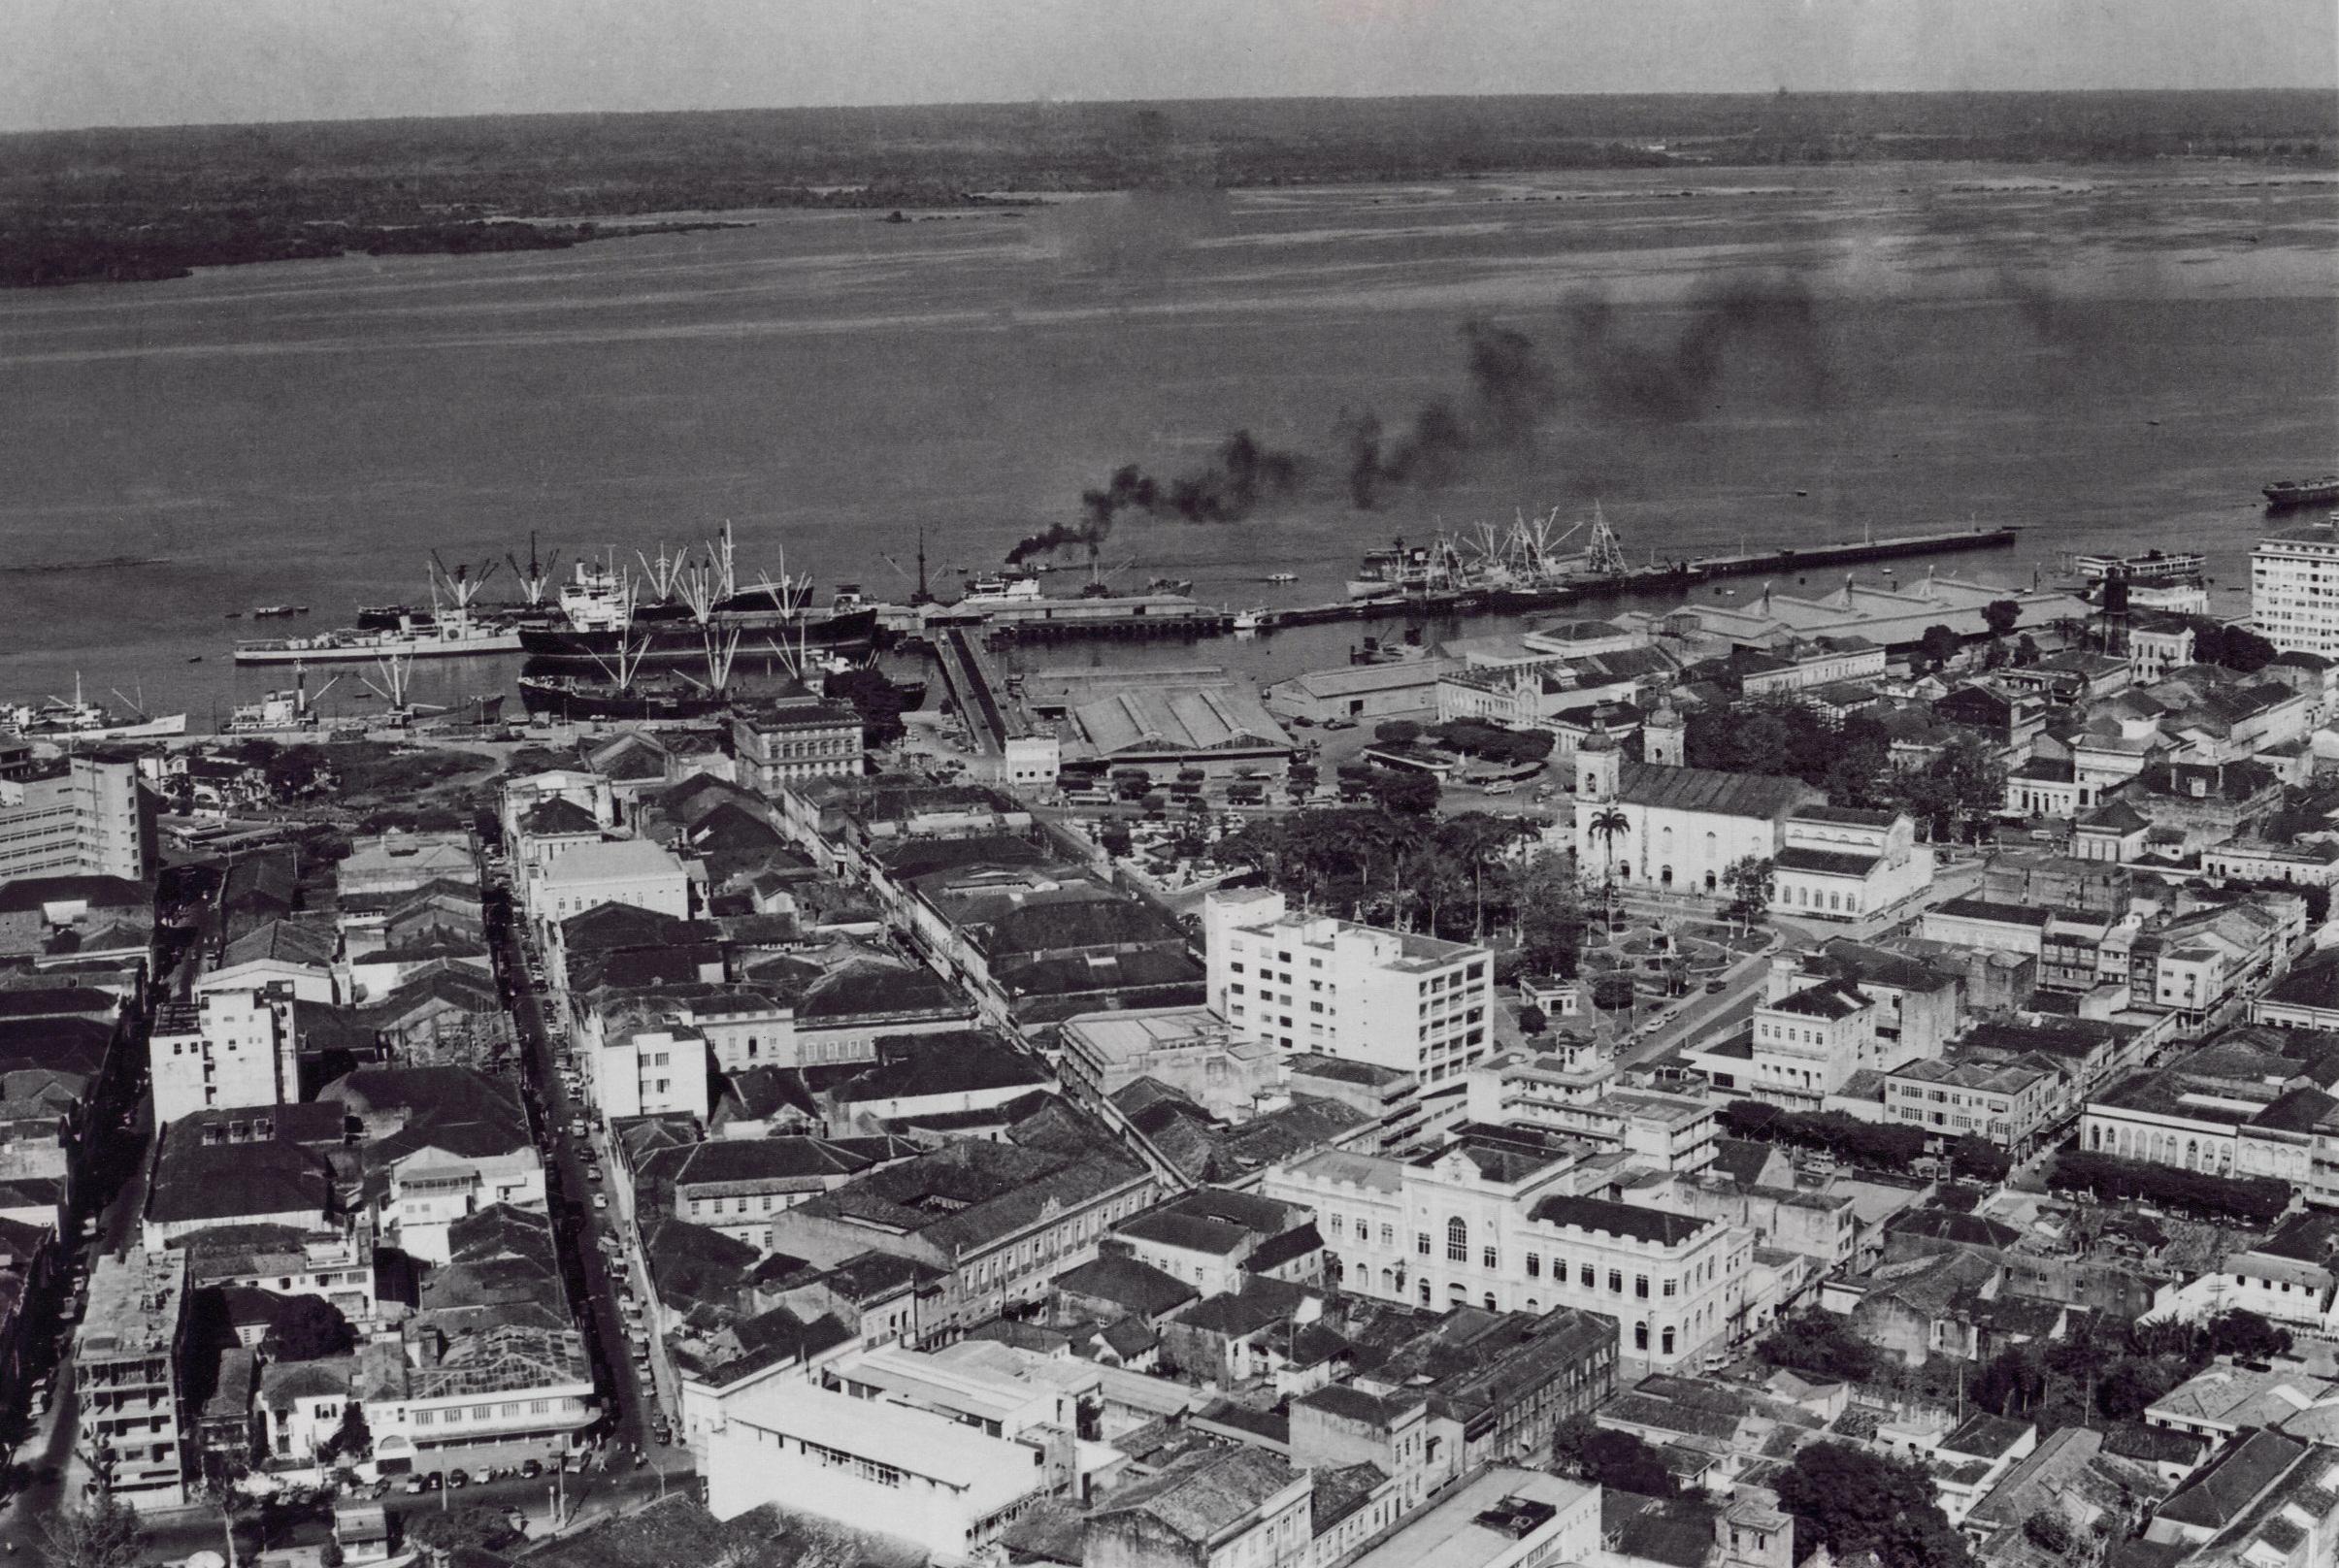 Vista do Porto da cidade de Manaus - Instituto Durango Duarte